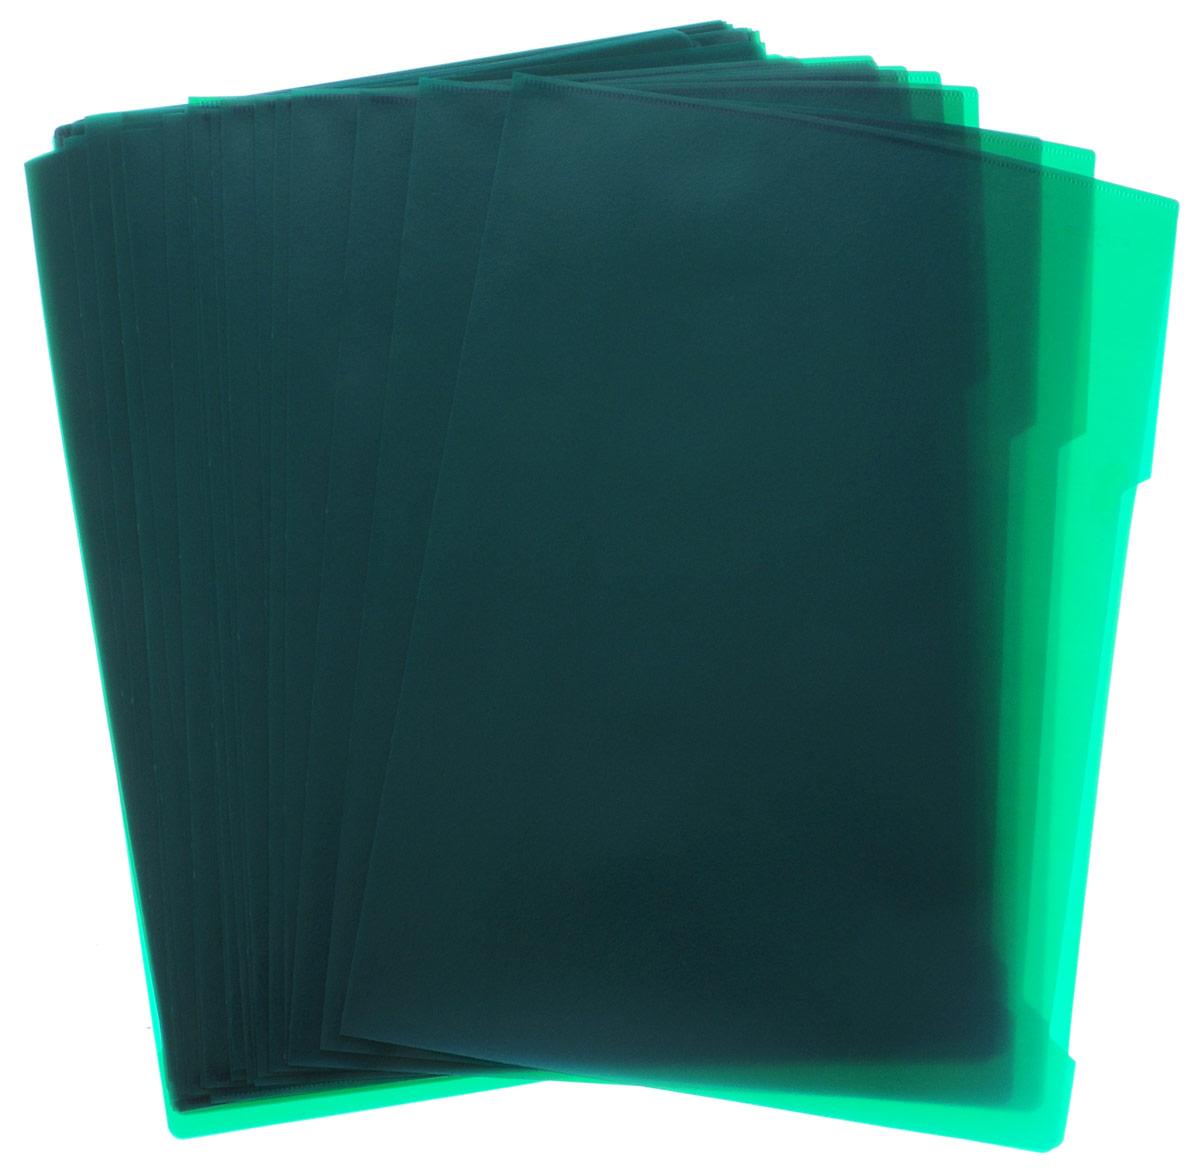 Durable Папка-уголок цвет зеленый 50 шт11207065Папка-уголок Durable изготовлена из высококачественного полипропилена. Это удобный и практичный офисный инструмент, предназначенный для хранения и транспортировки рабочих бумаг и документов формата А4. Папка оснащена выемкой для перелистывания листов. В наборе - 50 папок зеленого цвета.Папка-уголок - это незаменимый атрибут для студента, школьника, офисного работника. Такая папка надежно сохранит ваши документы и сбережет их от повреждений, пыли и влаги.